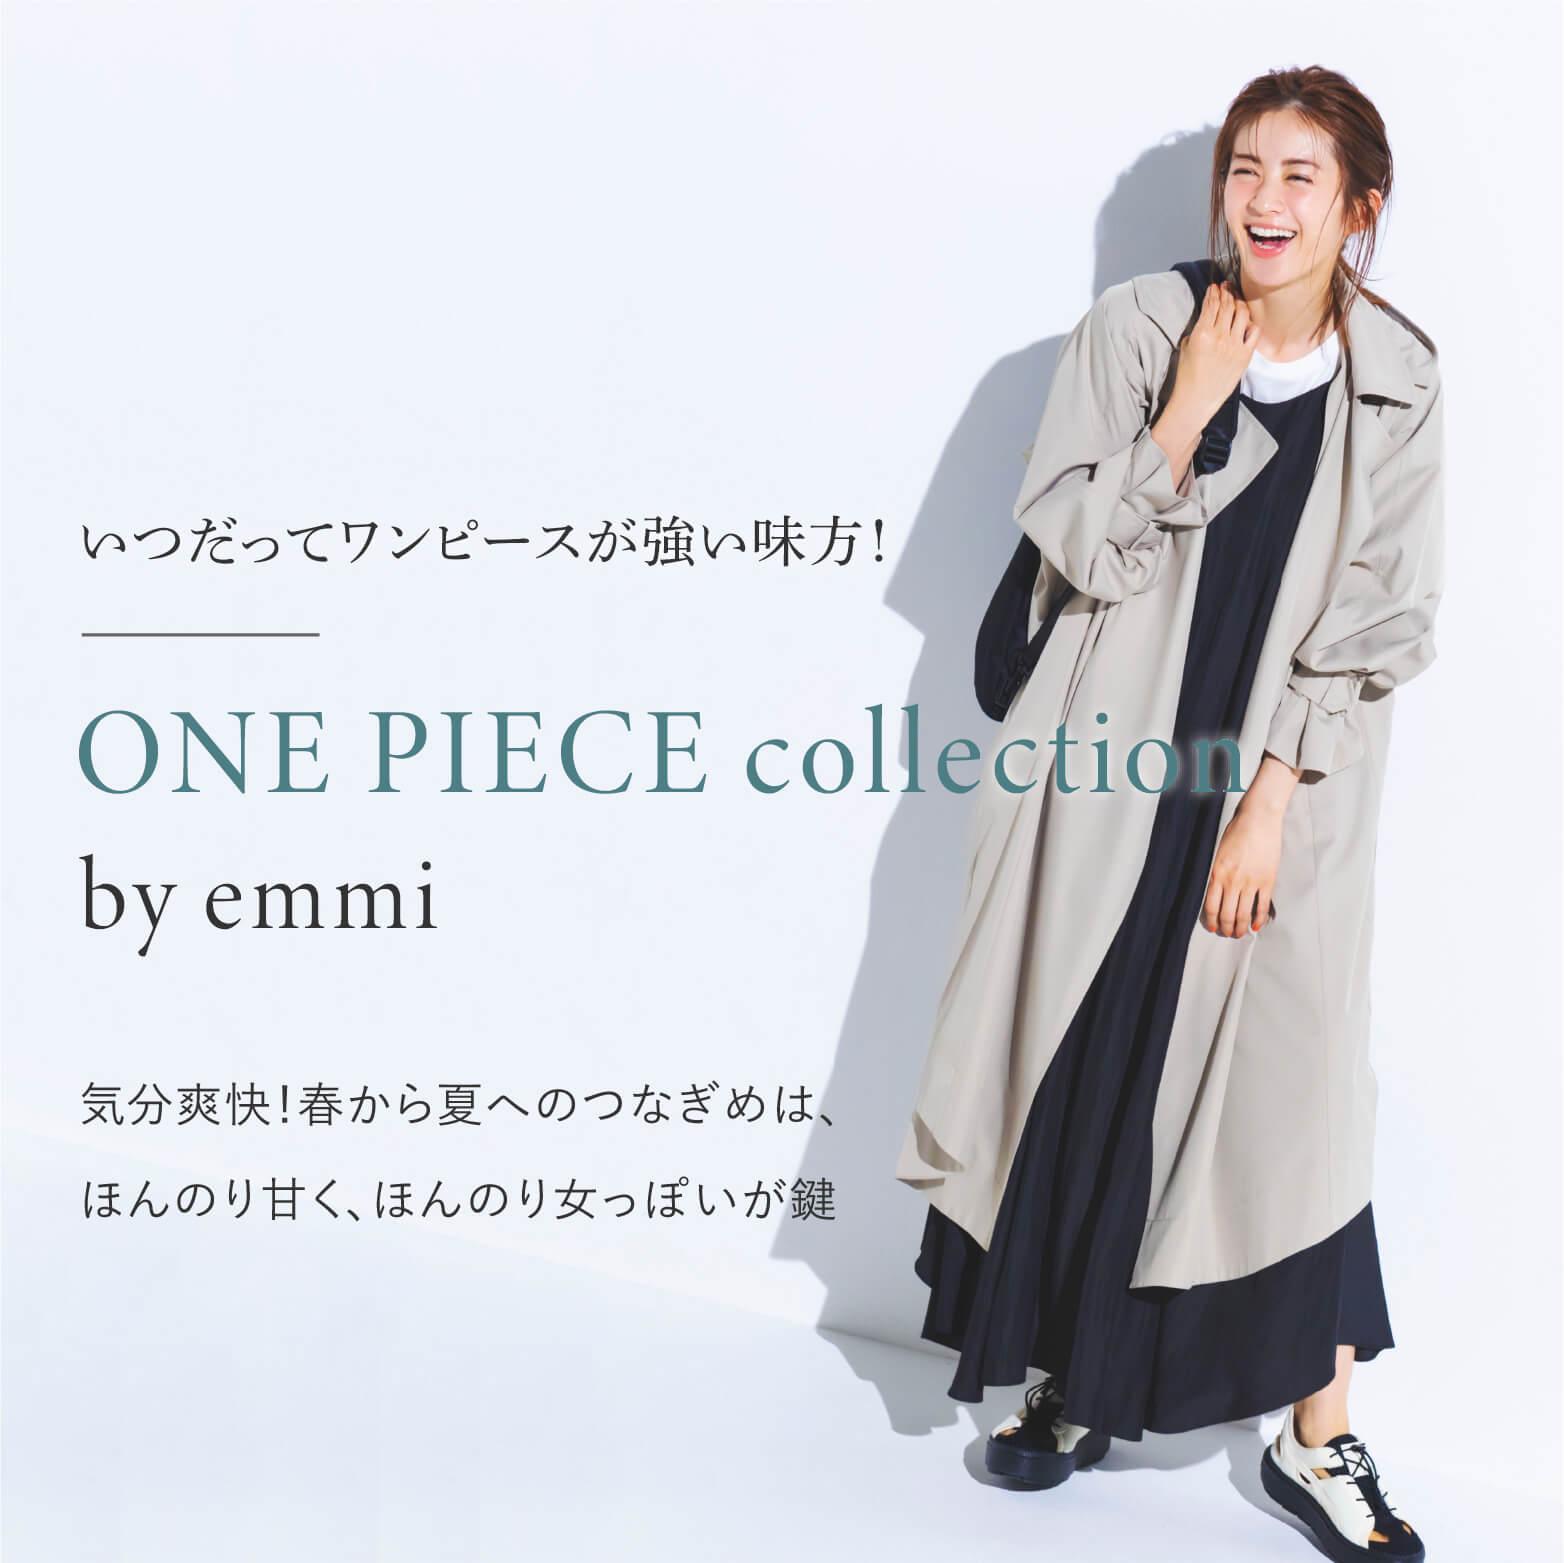 いつだってワンピースが強い味方! ONE PIECE collection by emmi